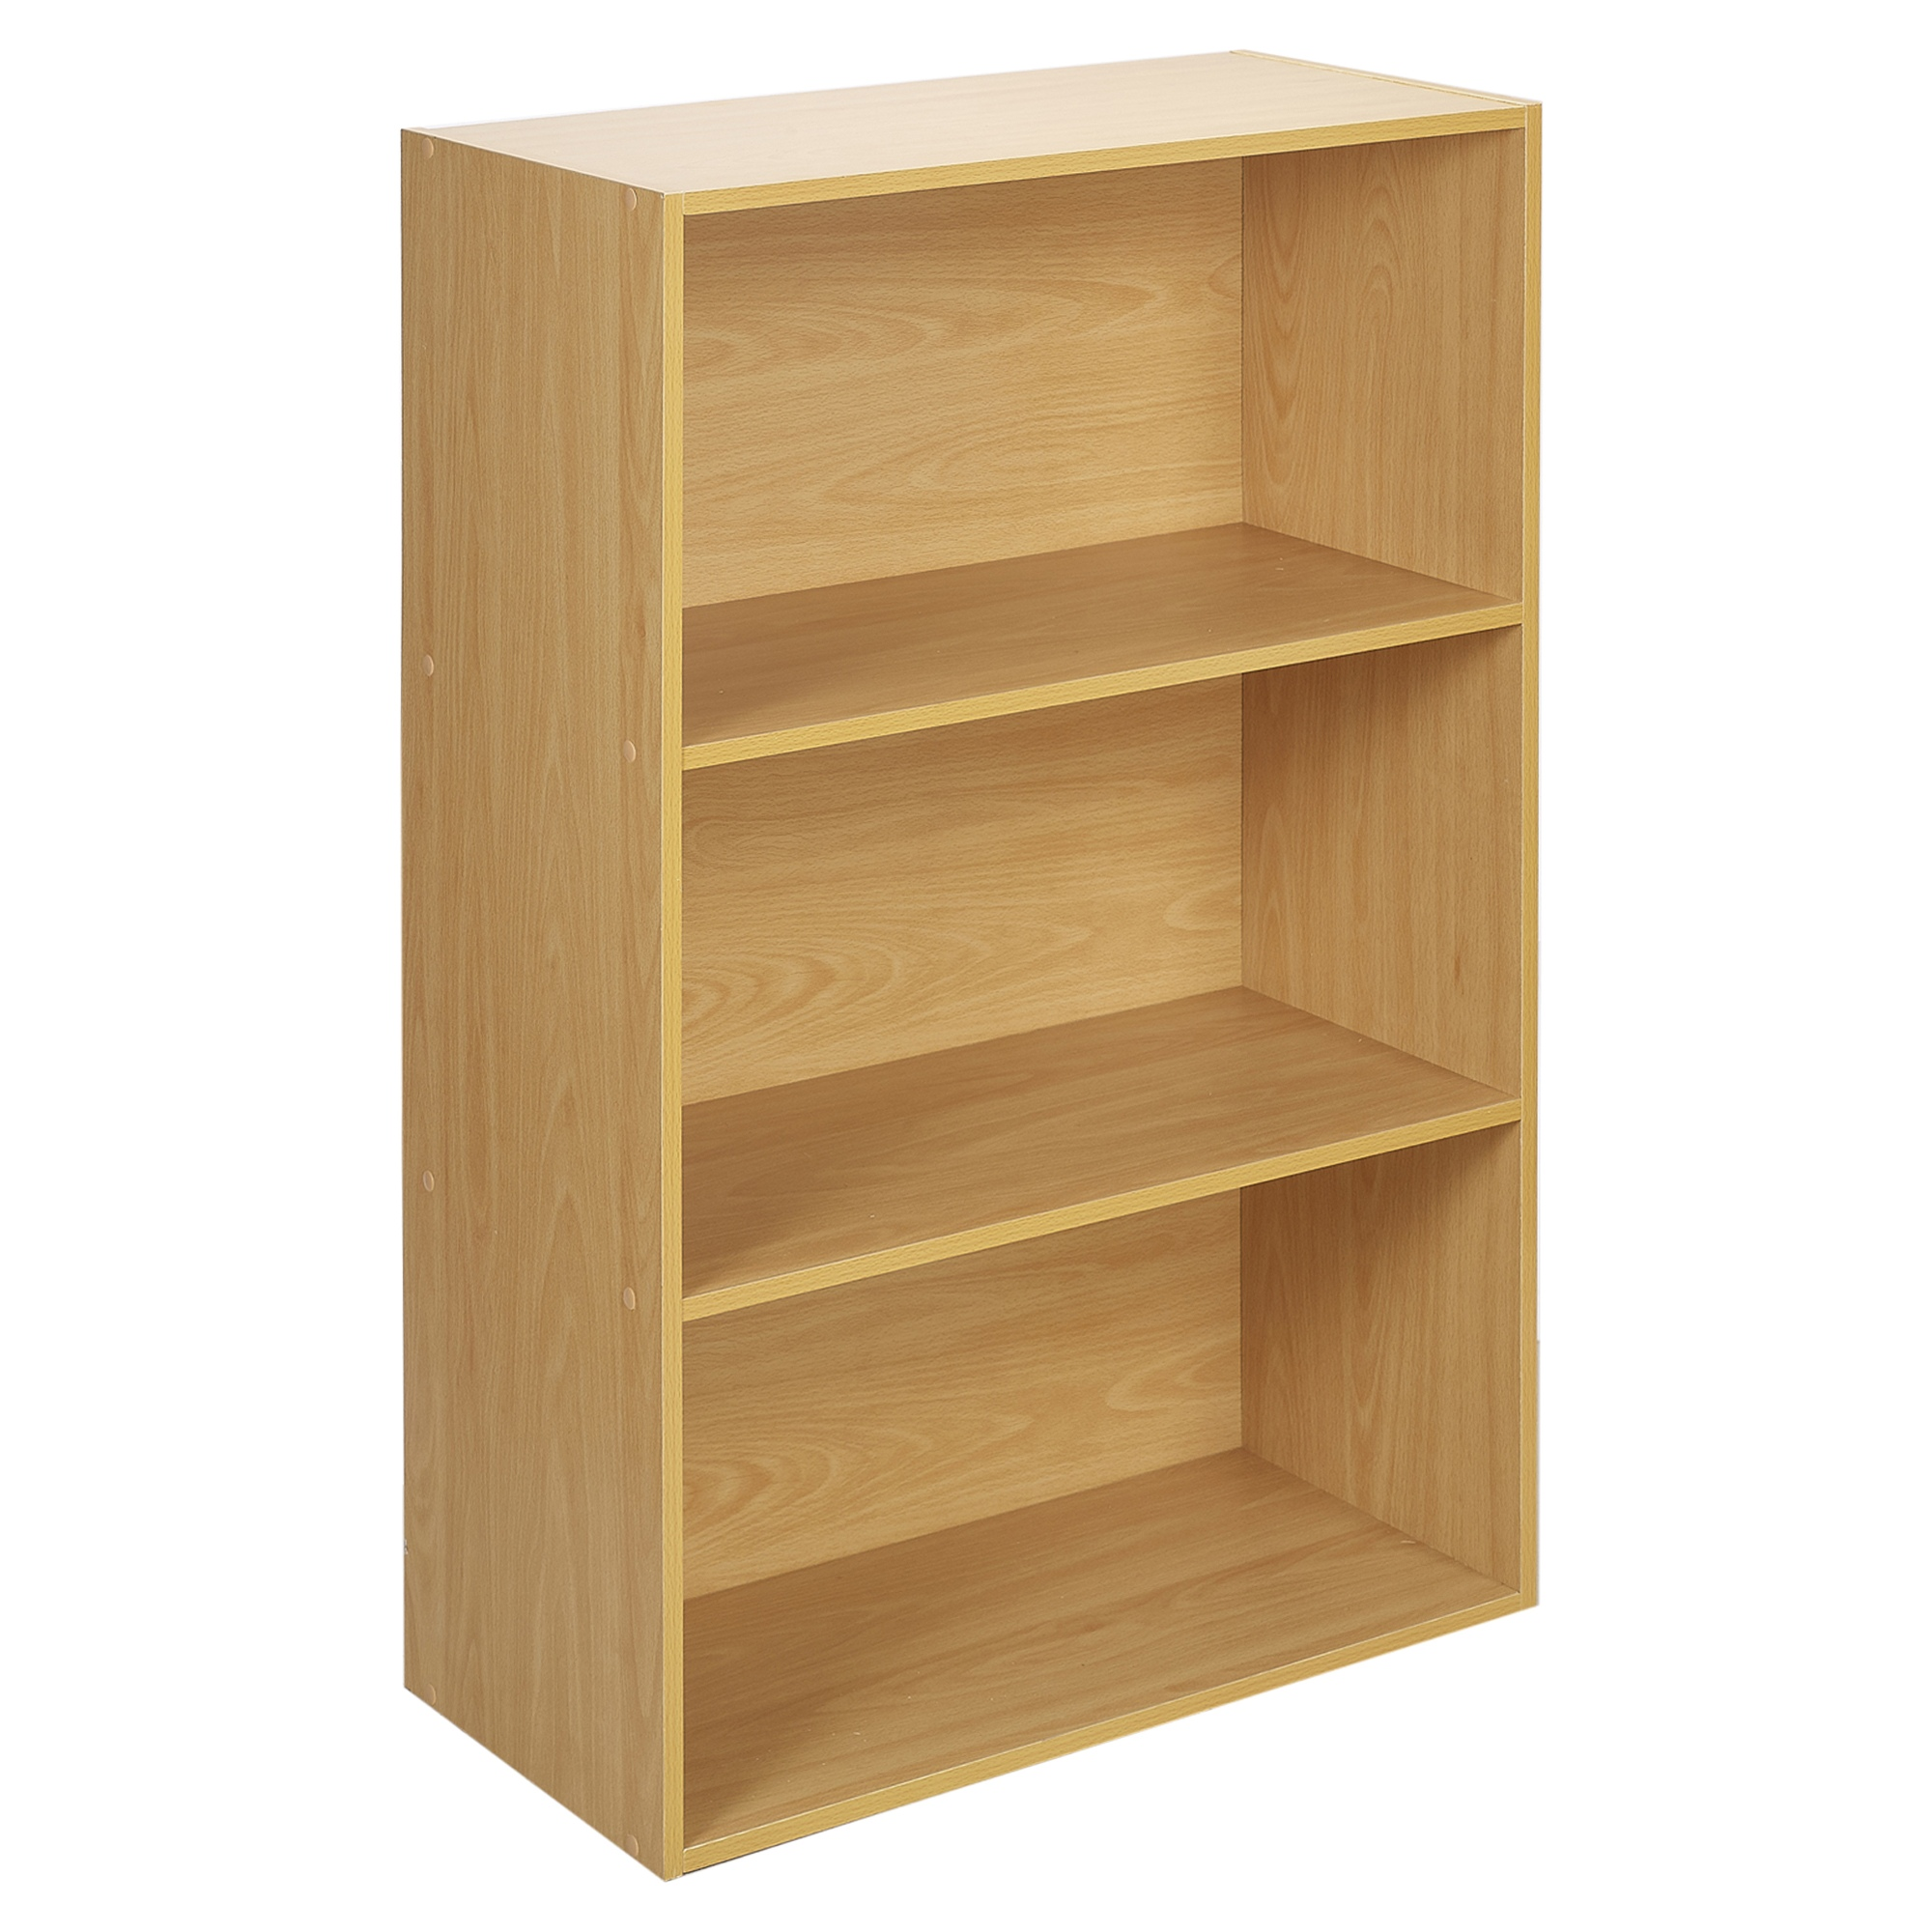 Childrens Kids 3 Tier Toy Bedroom Storage Shelf Unit 8: Wide 3 Tier Book Shelf Deep Bookcase Storage Cabinet